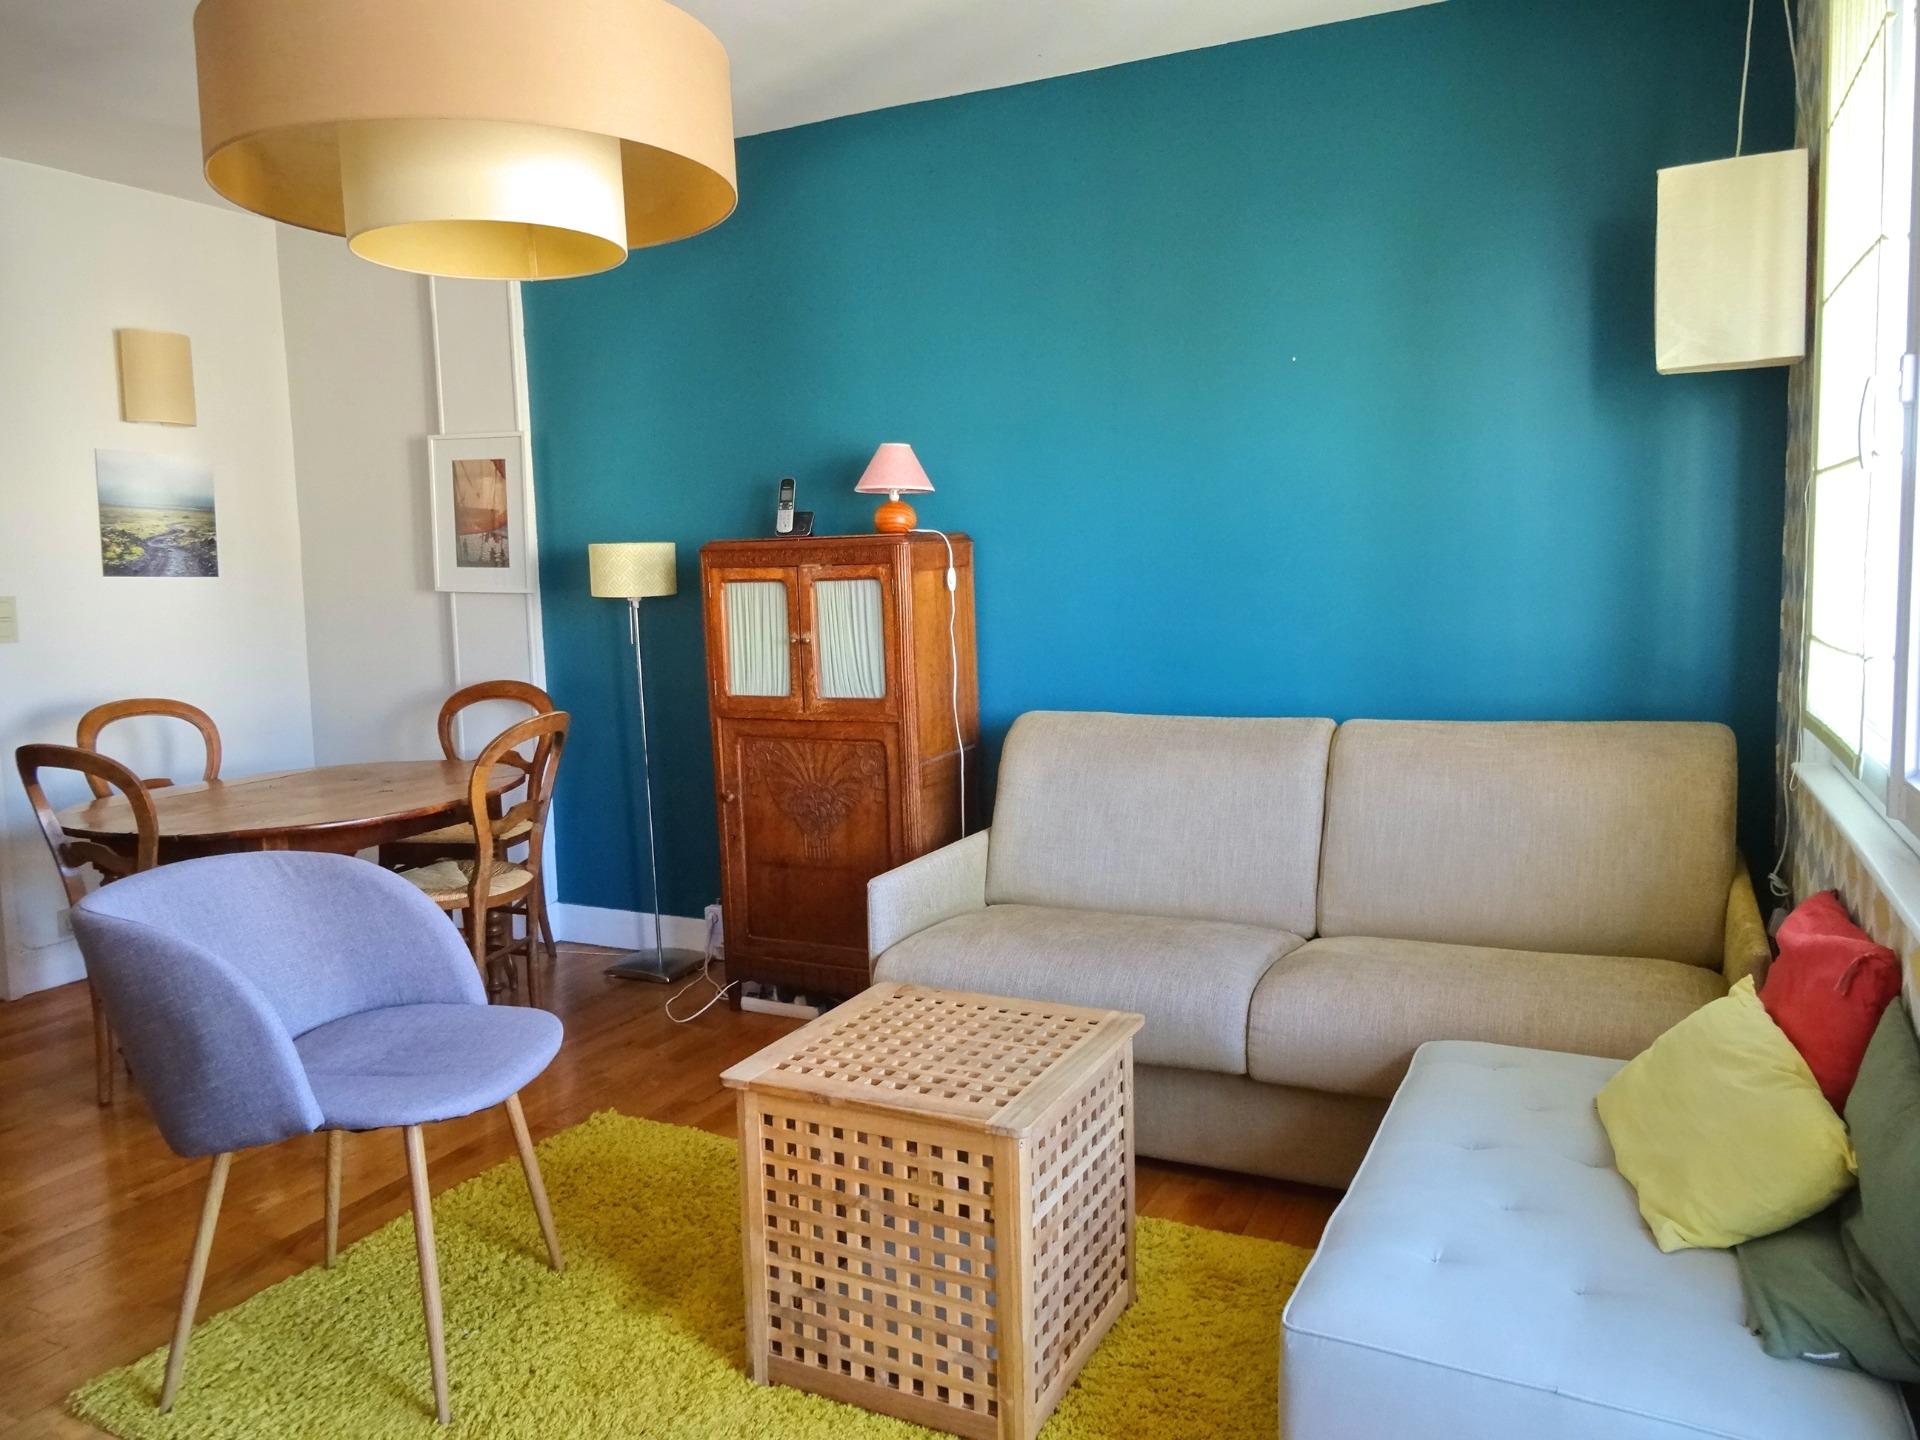 salon-location-meublee-boulogne- la-clef-des-villes-agence-immobiliere-boulogne